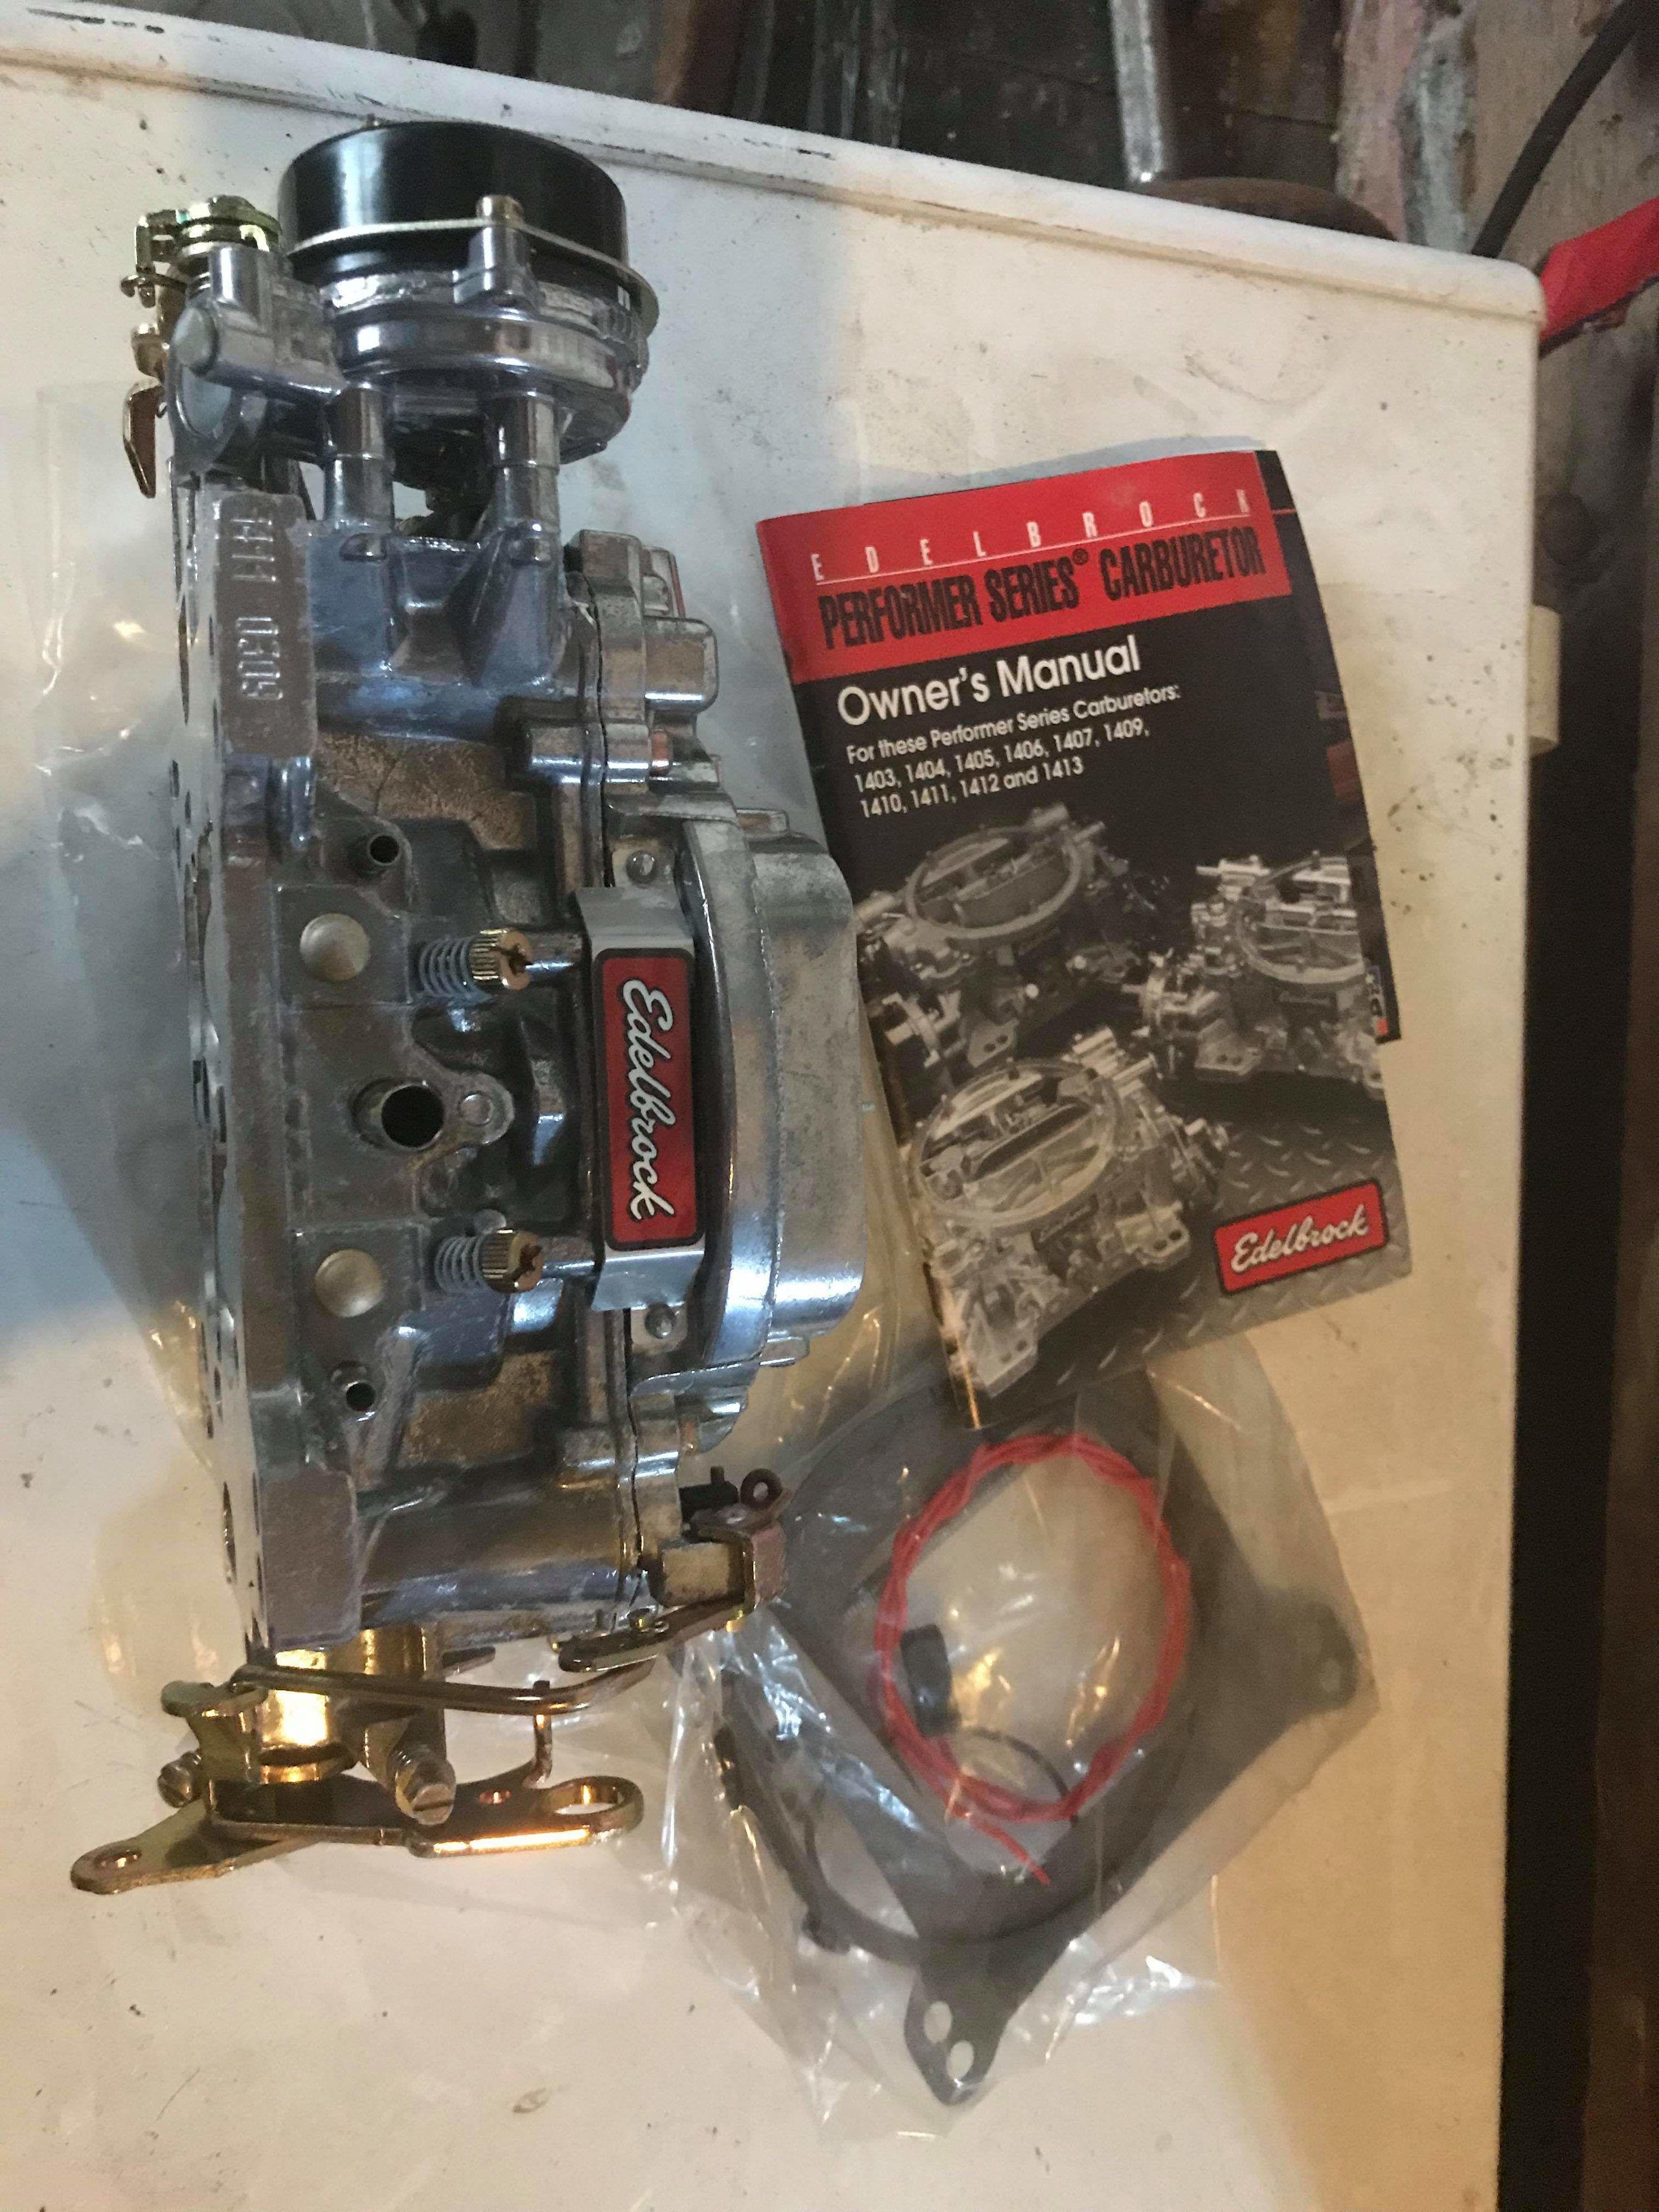 Edlebrock carburetor and manifold image 1